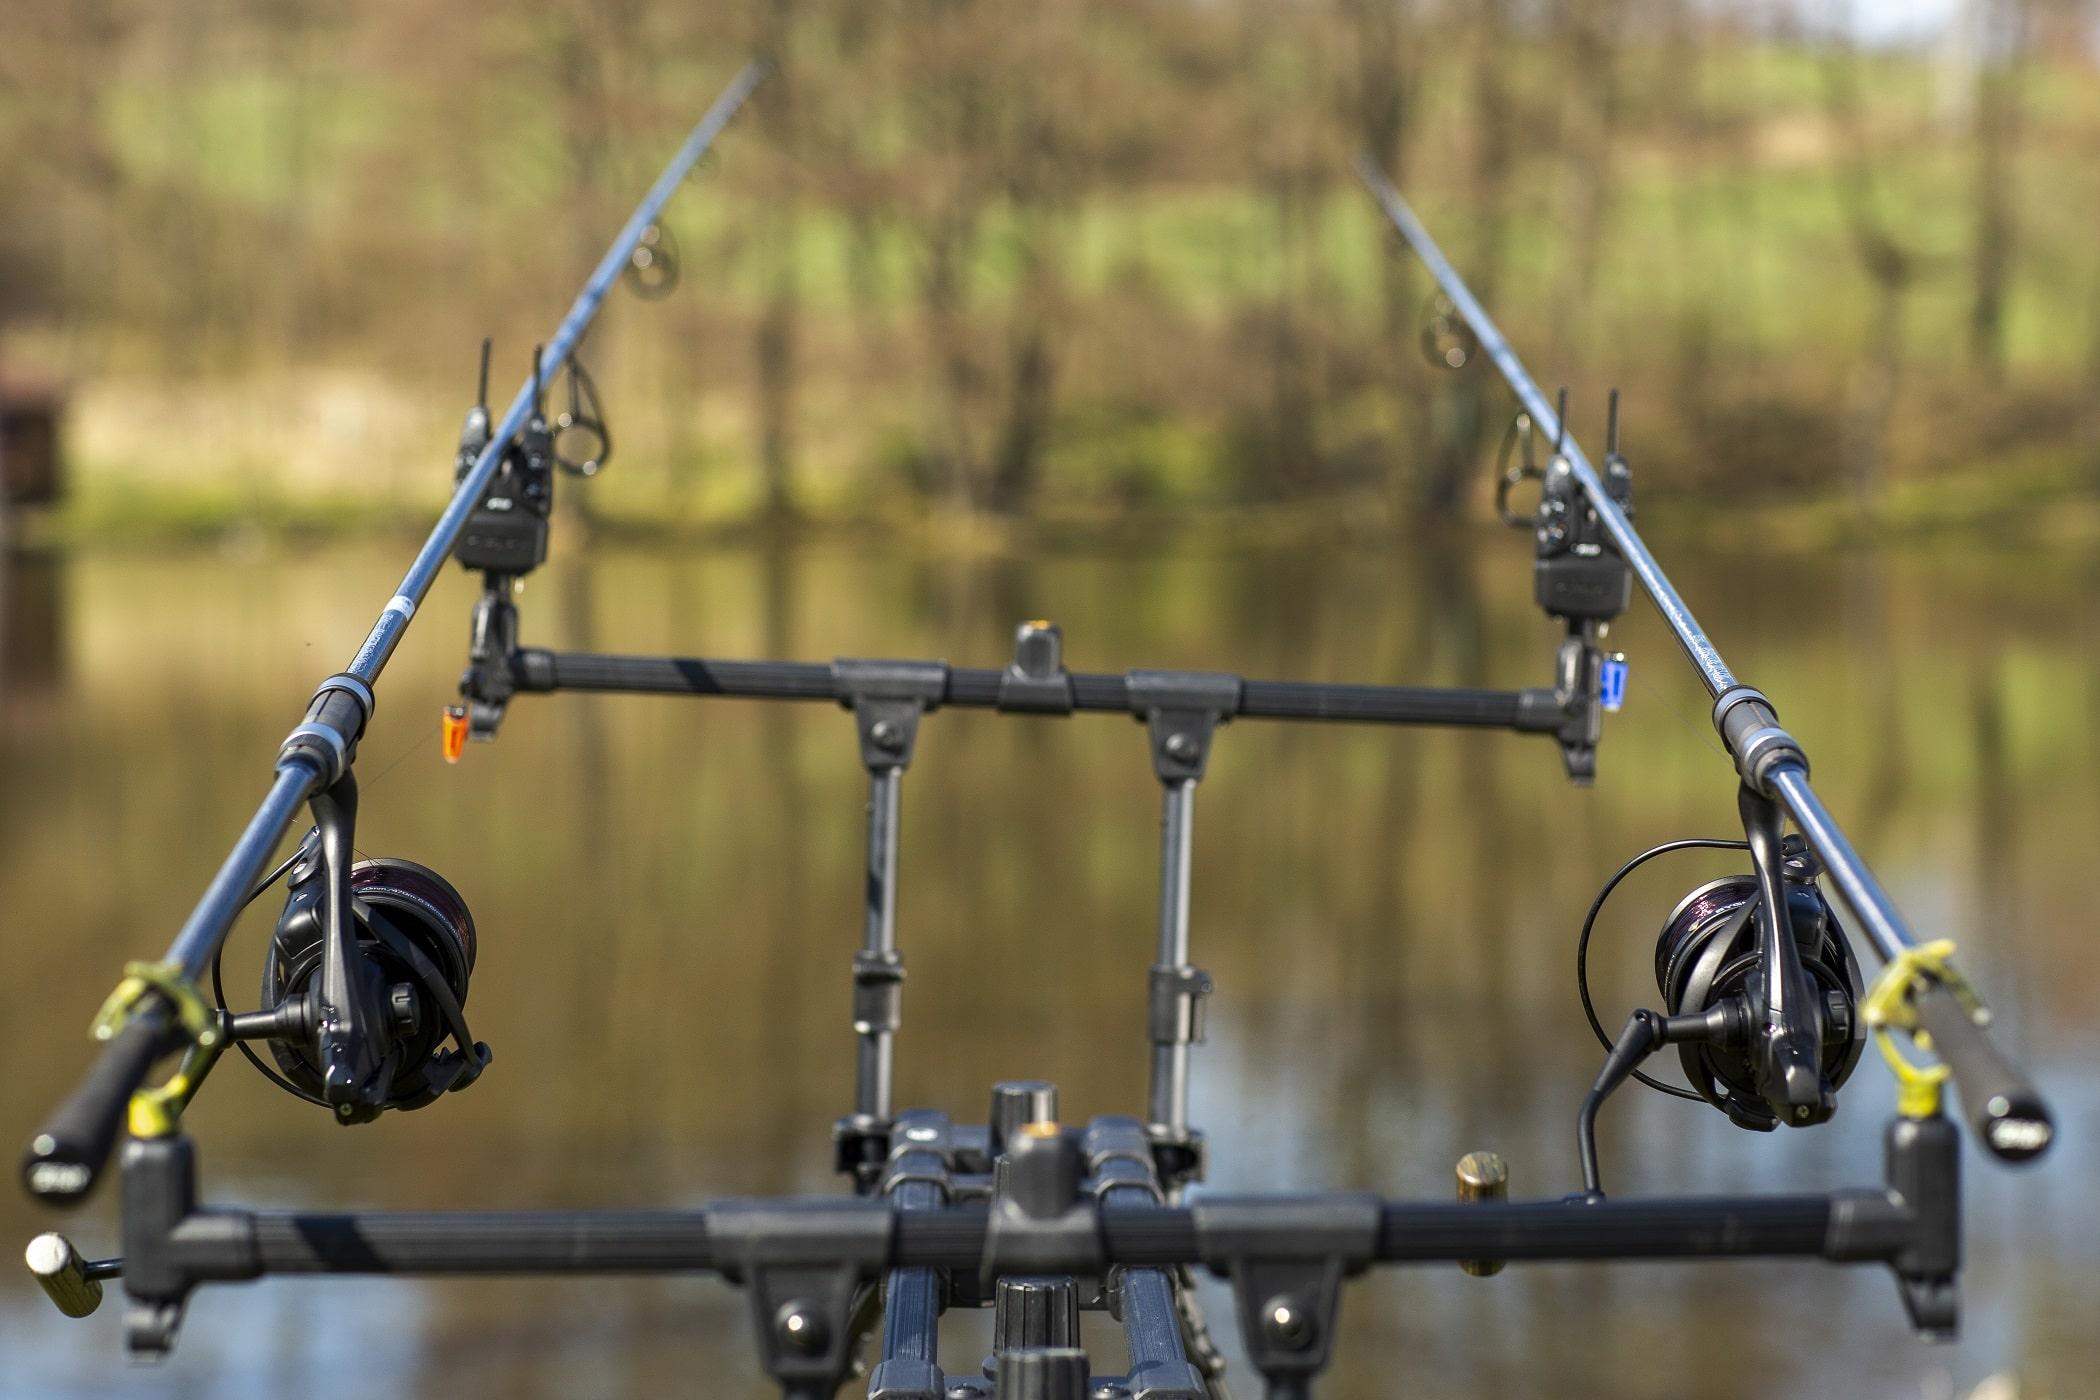 Rybářské pruty na kapry: Jak vybrat ten nejlepší rybářský prut? Tady je nápověda!